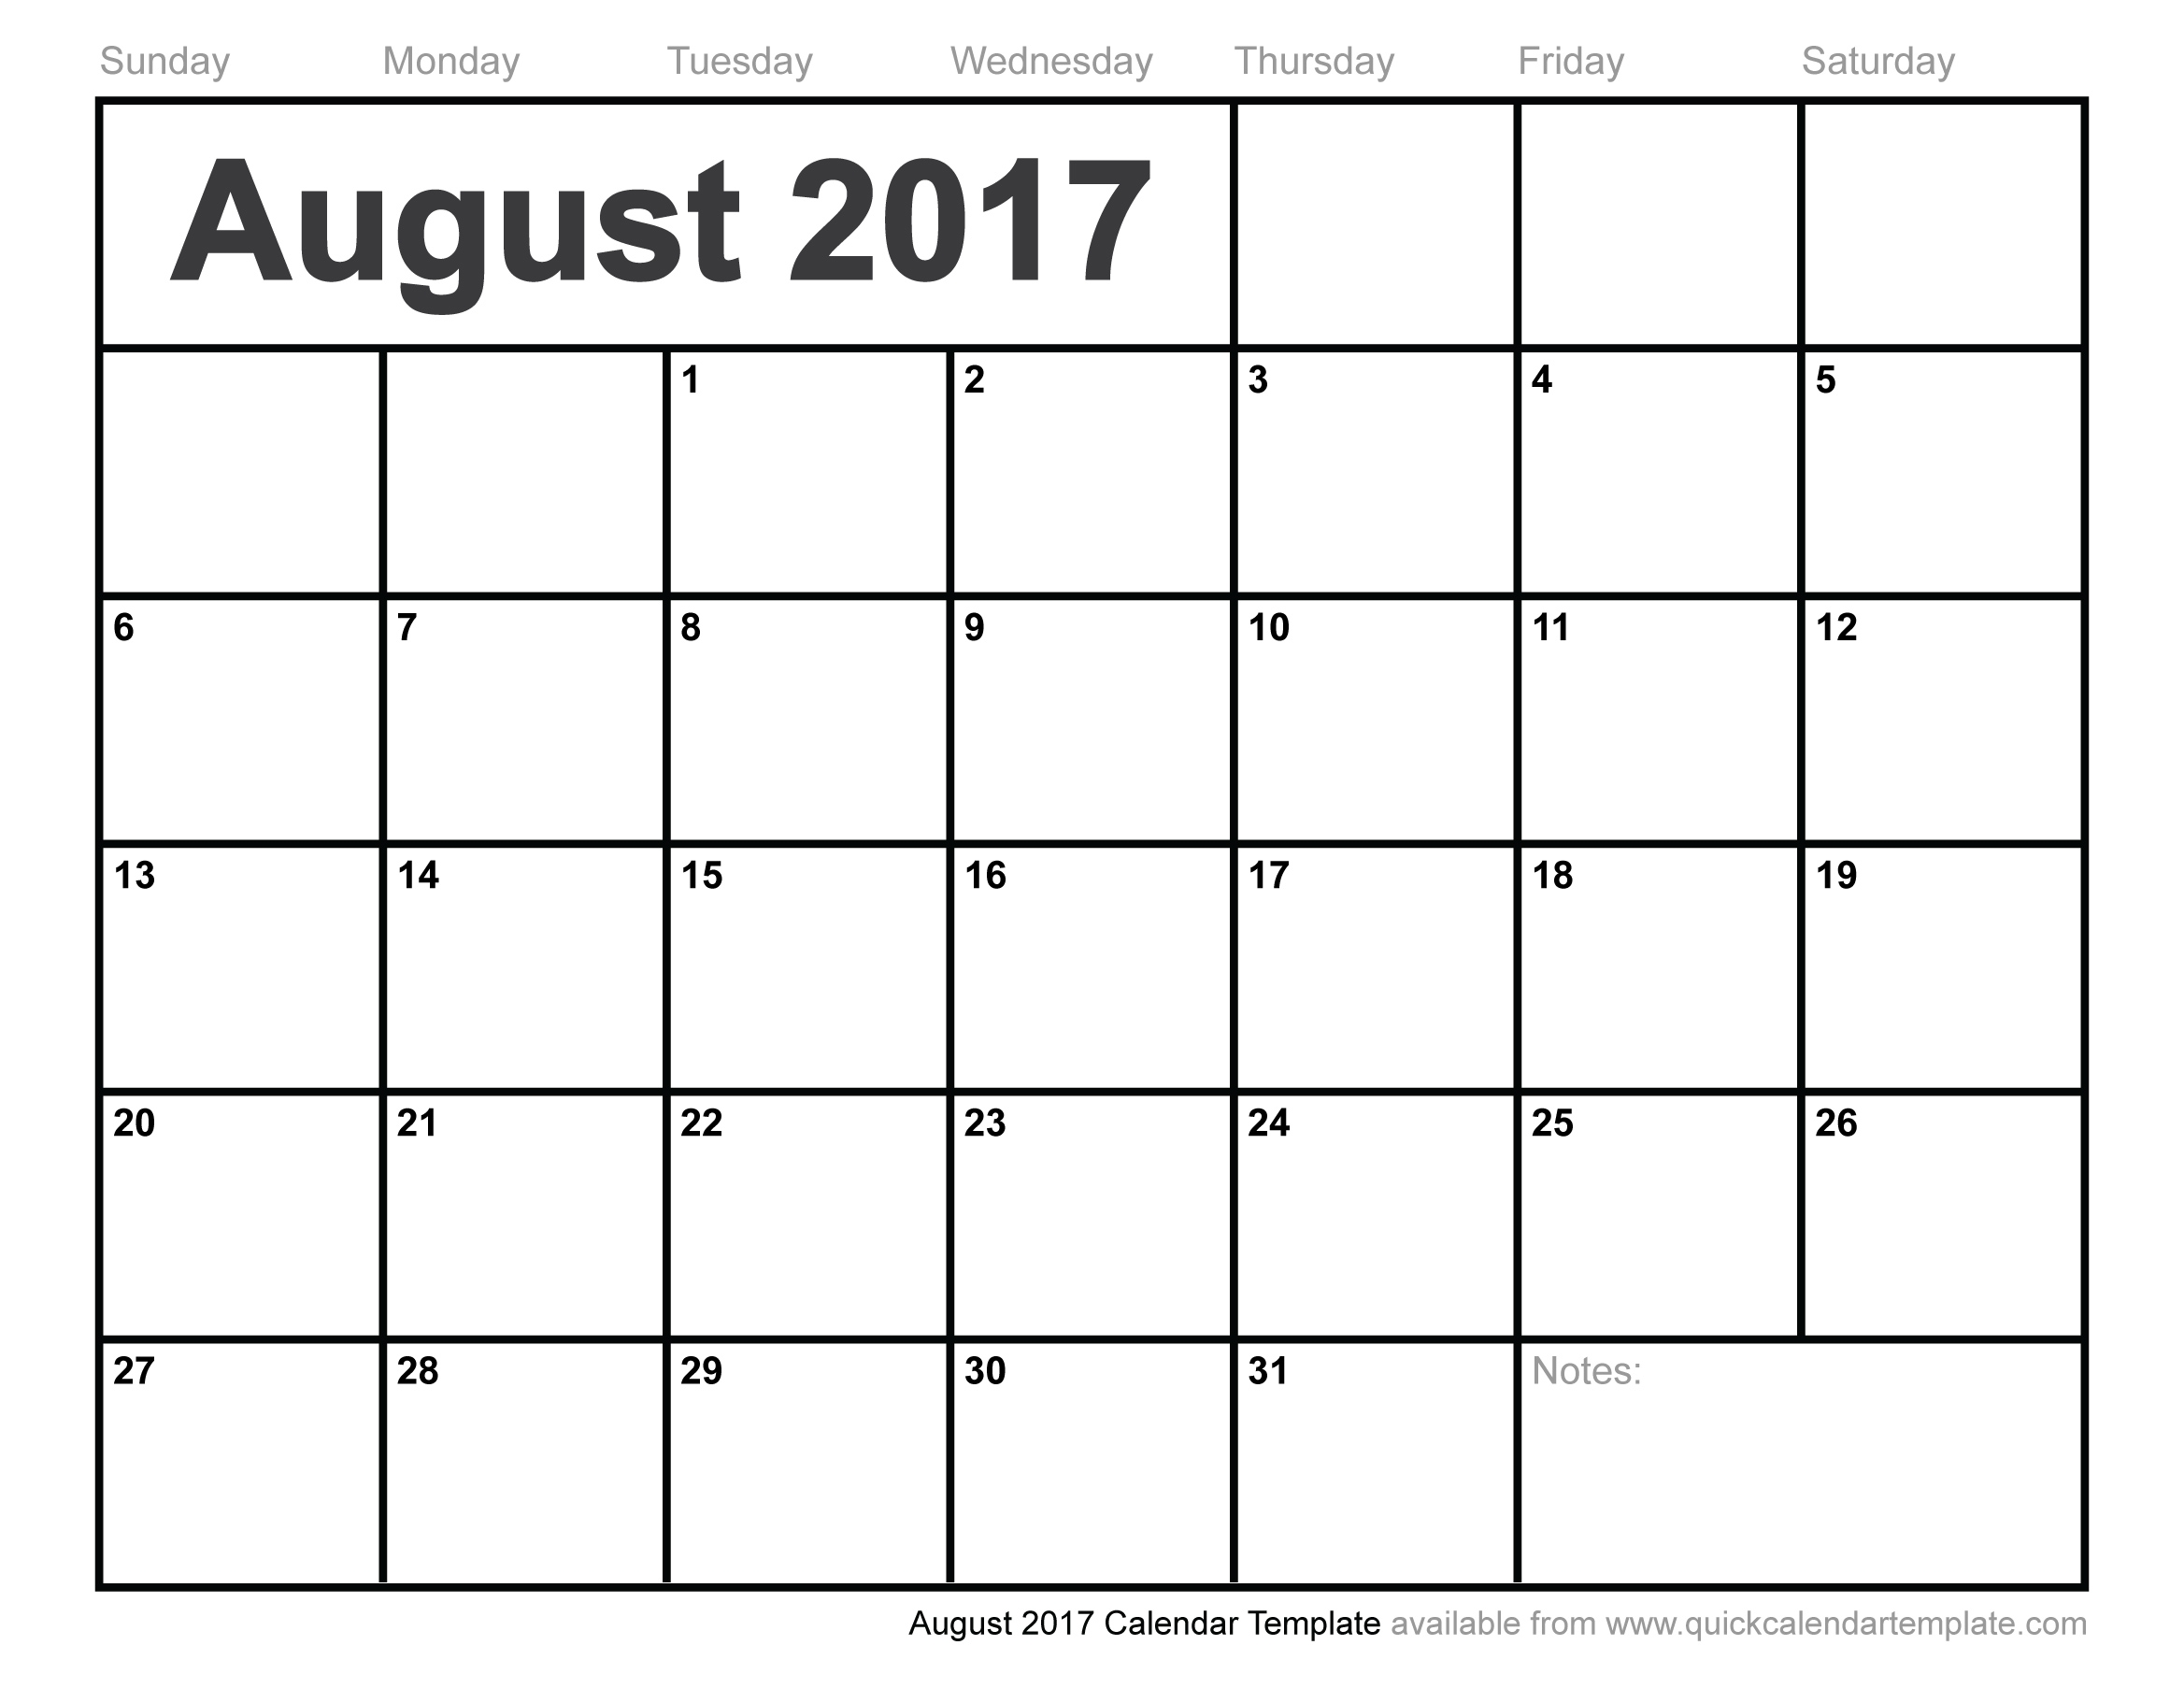 August 2017 Calendar Template3abry